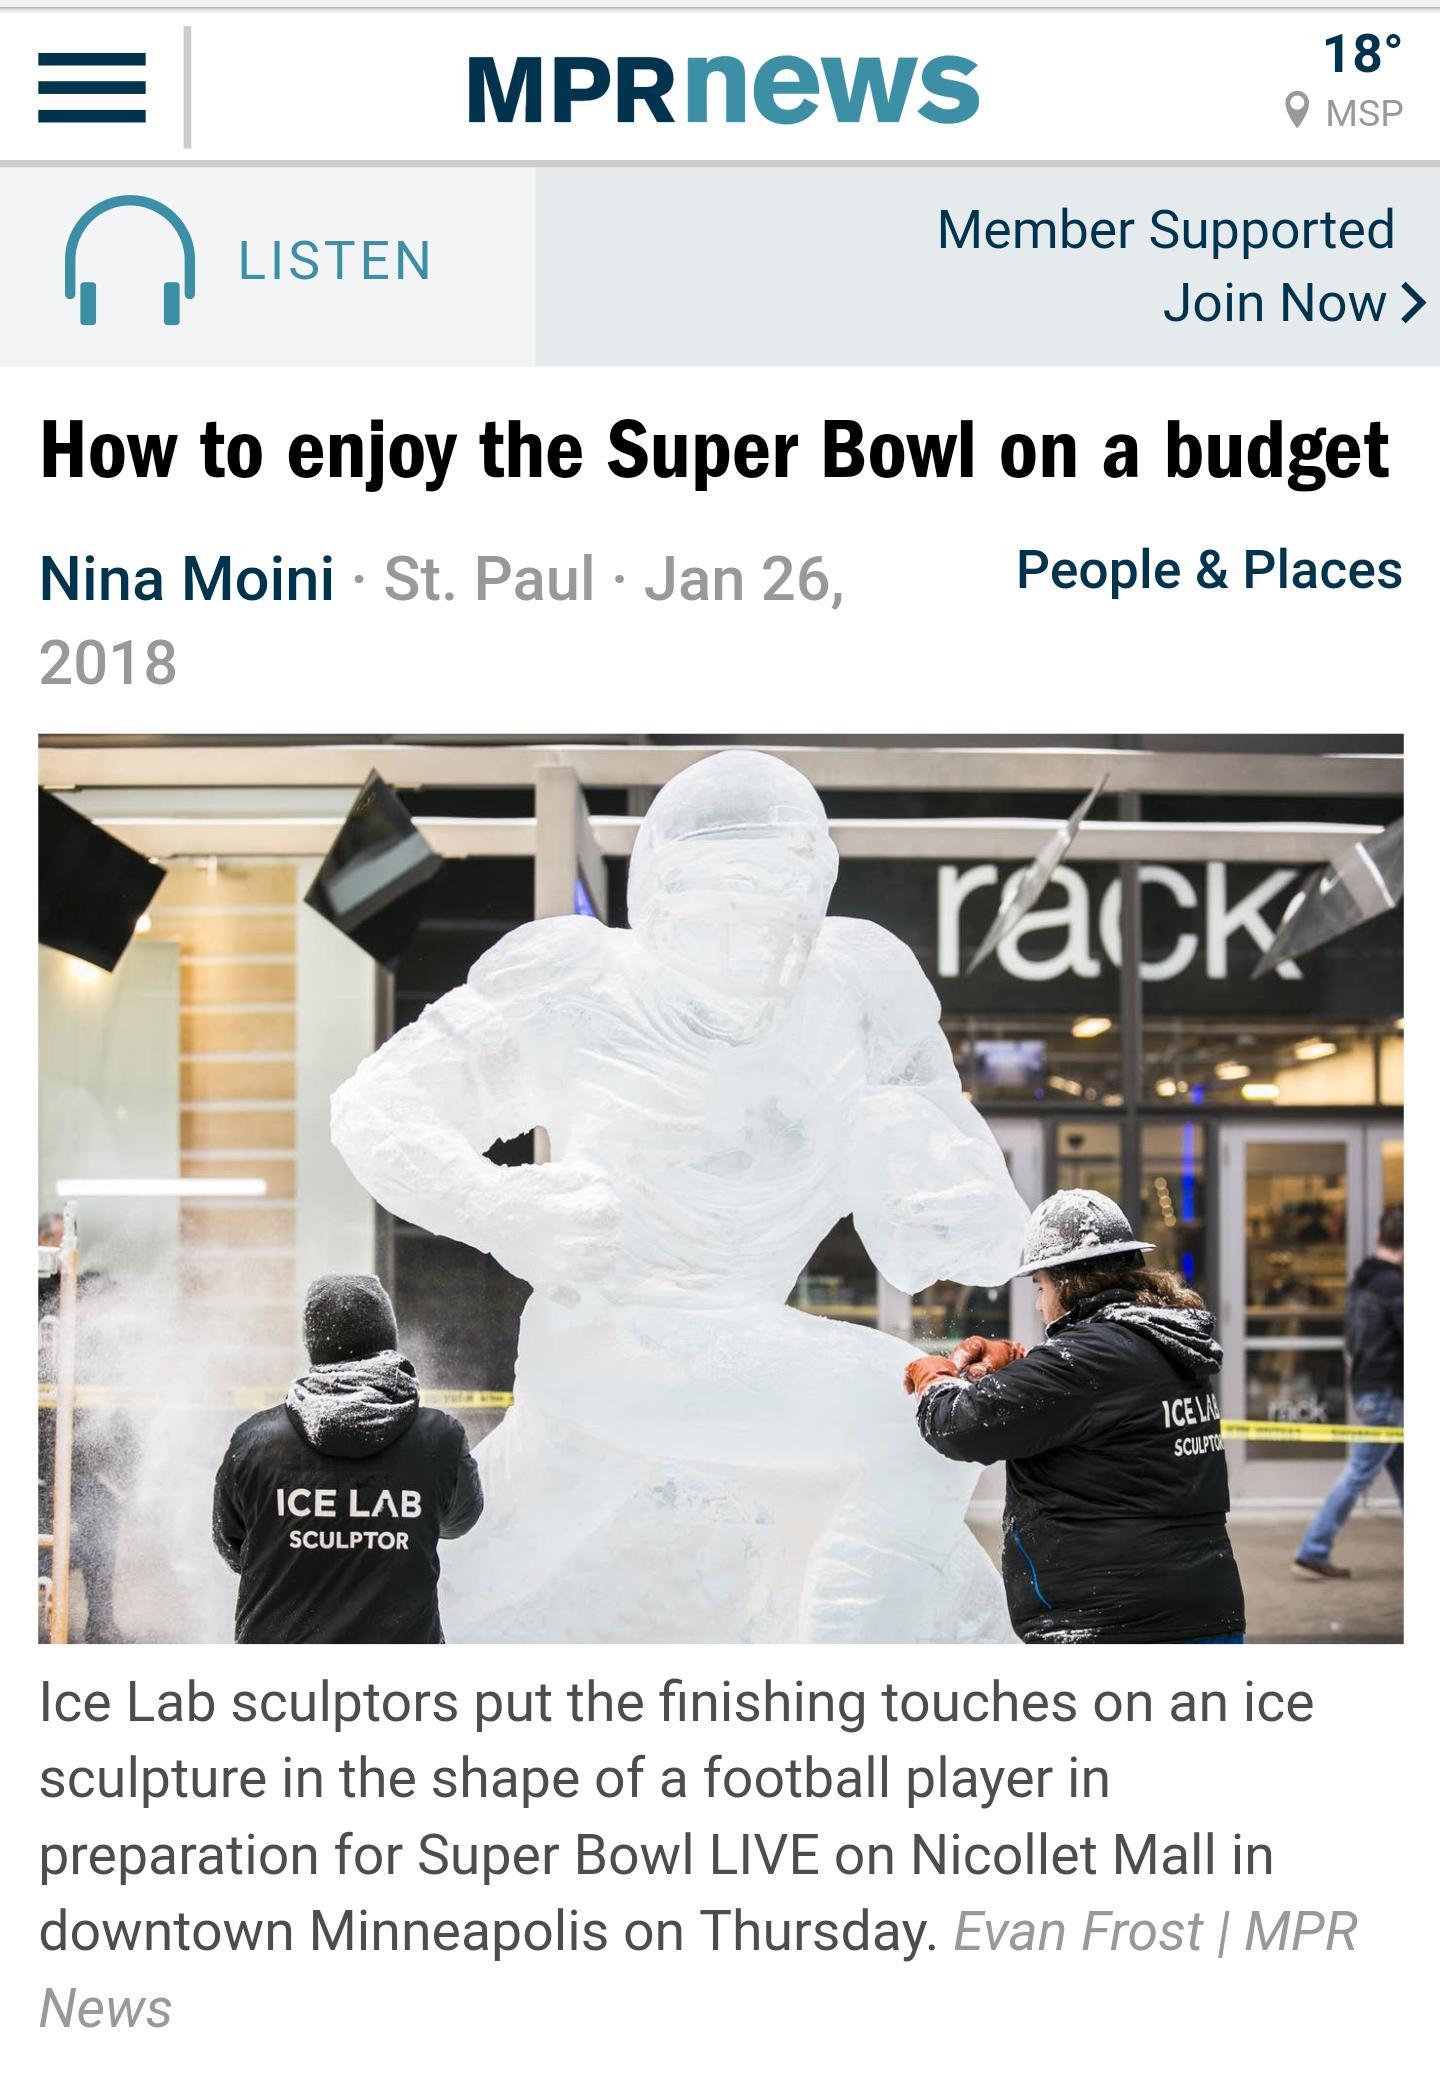 Official Super Bowl Ice Sculptors